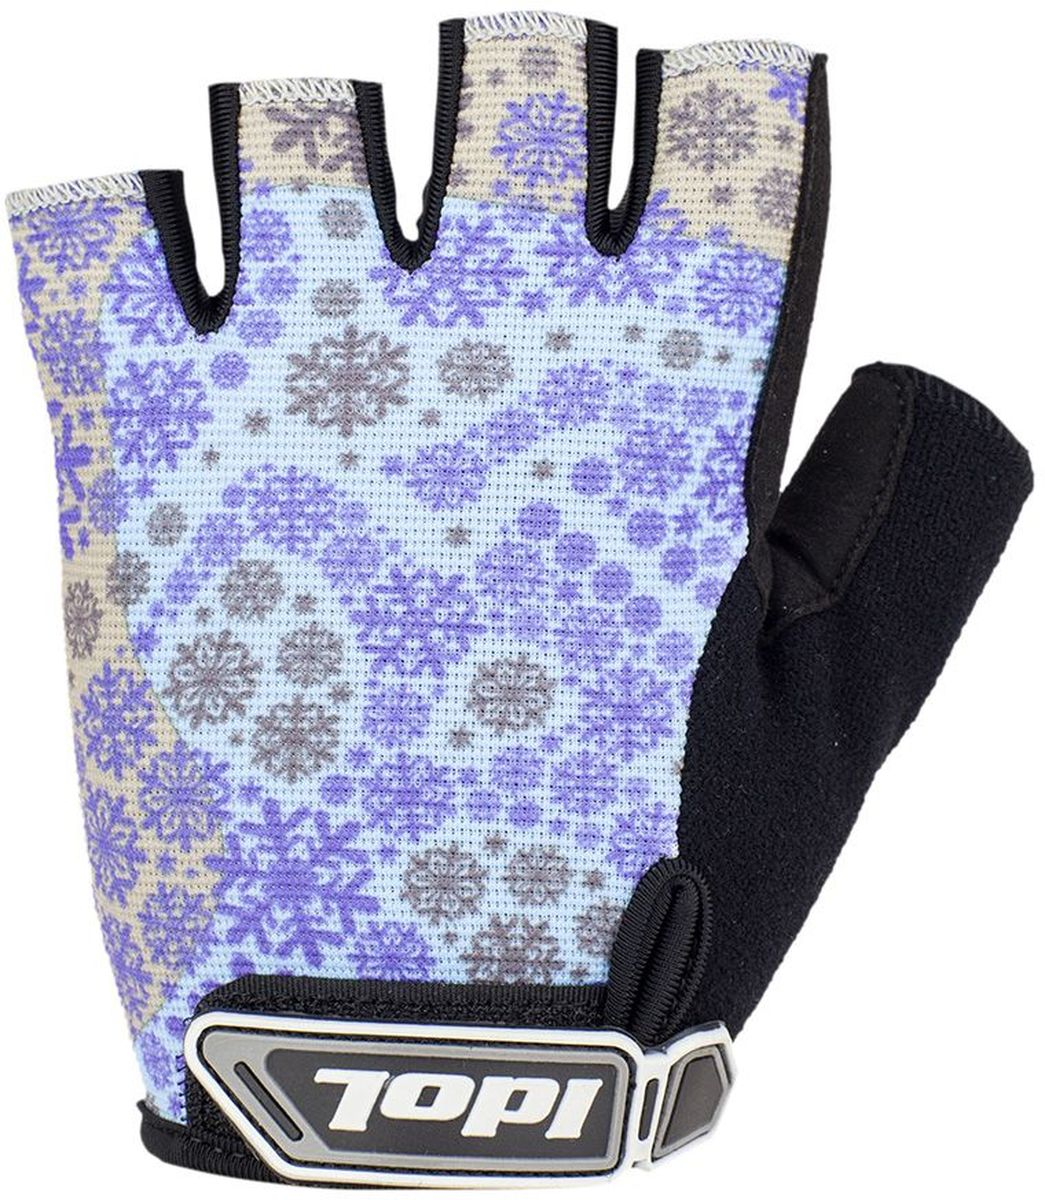 Перчатки велосипедные женские Idol Arosa. Размер MZ90 blackВелосипедные перчатки с открытыми пальцами Idol AROSA предназначены для велоспорта, велотуризма, велосипедных прогулок. Верх выполнен из высококачественного материала 4-way stretch, который отличается повышенной воздухопроницаемостью. Ладонь изготовлена из синтетической кожи Amara. Большой палец перчатки отделан влагоотводящим материалом. На запястьях перчатки фиксируются прочными липучками. Для удобства снятия каждая перчатка оснащена двумя небольшими петельками.Высокое качество, технически совершенные материалы, оригинальный стильный дизайн, функциональность и долговечность выделяют велоперчатки Idol среди прочих.